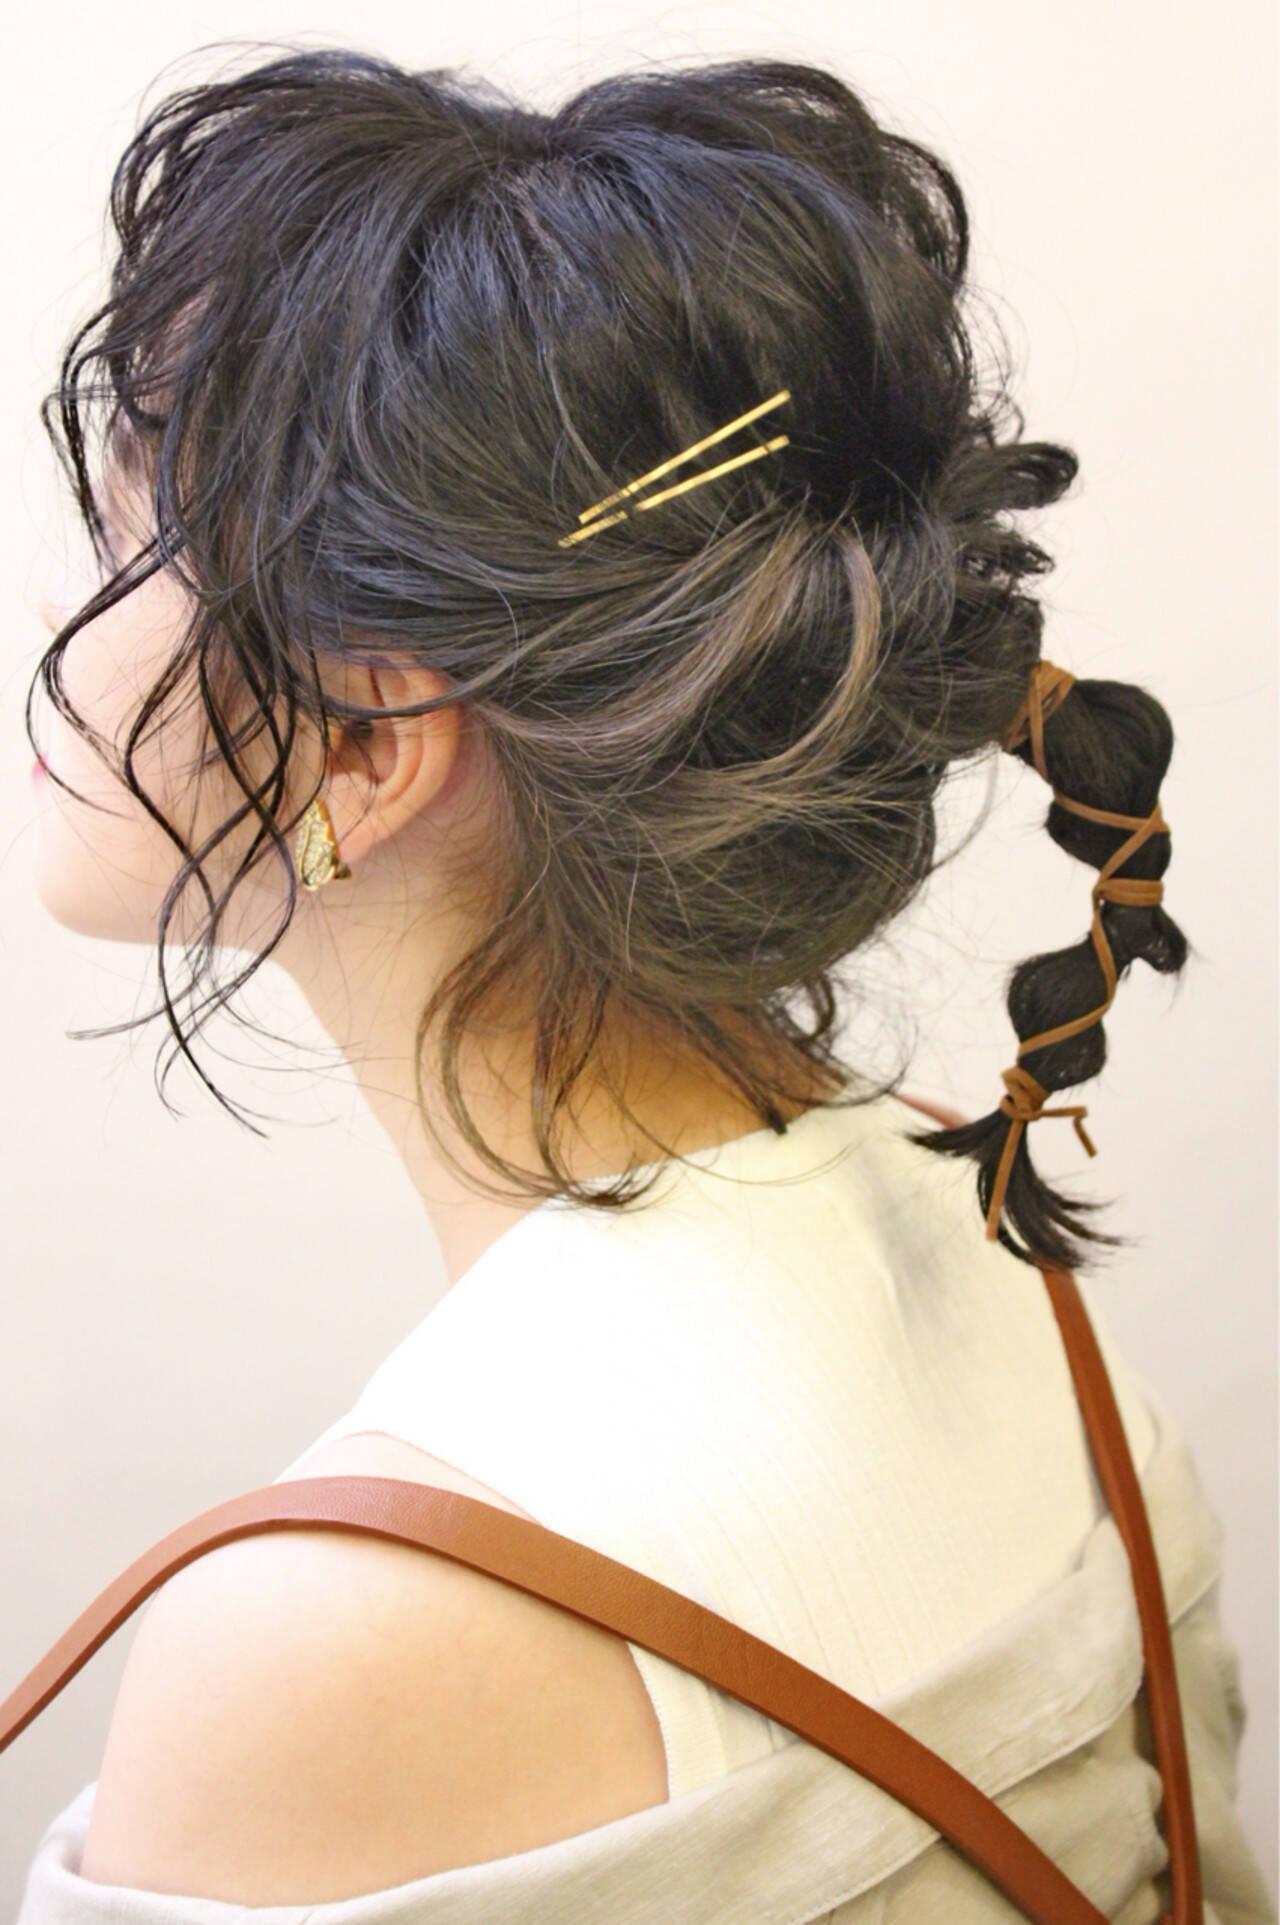 ボブ 夏 ナチュラル 編み込みヘアスタイルや髪型の写真・画像